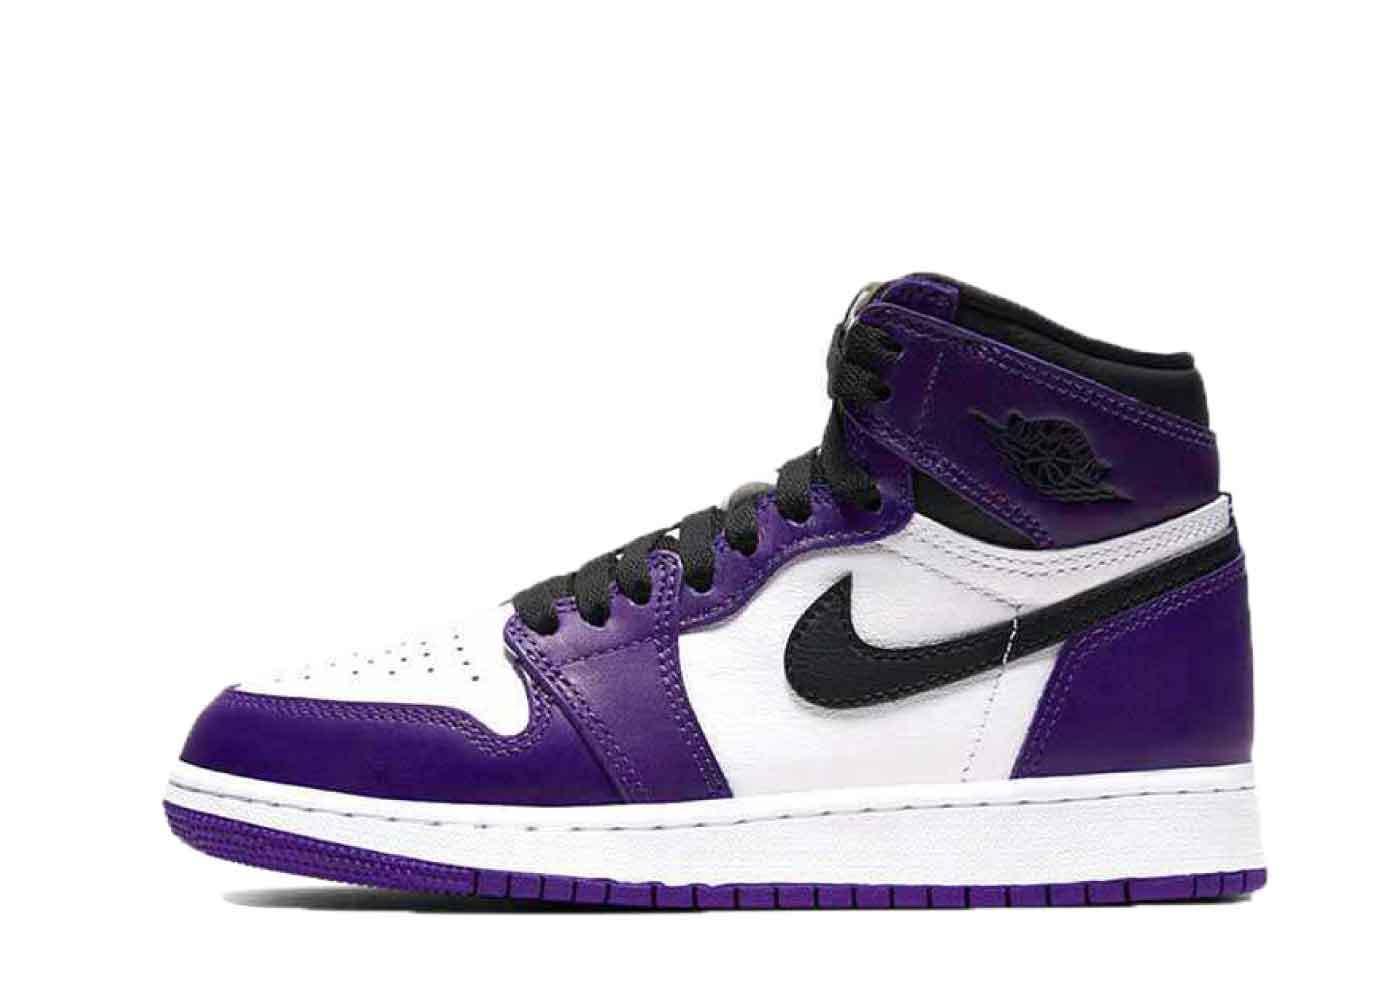 Nike Air Jordan 1 Retro High OG Court Purple(2020)(GS)の写真